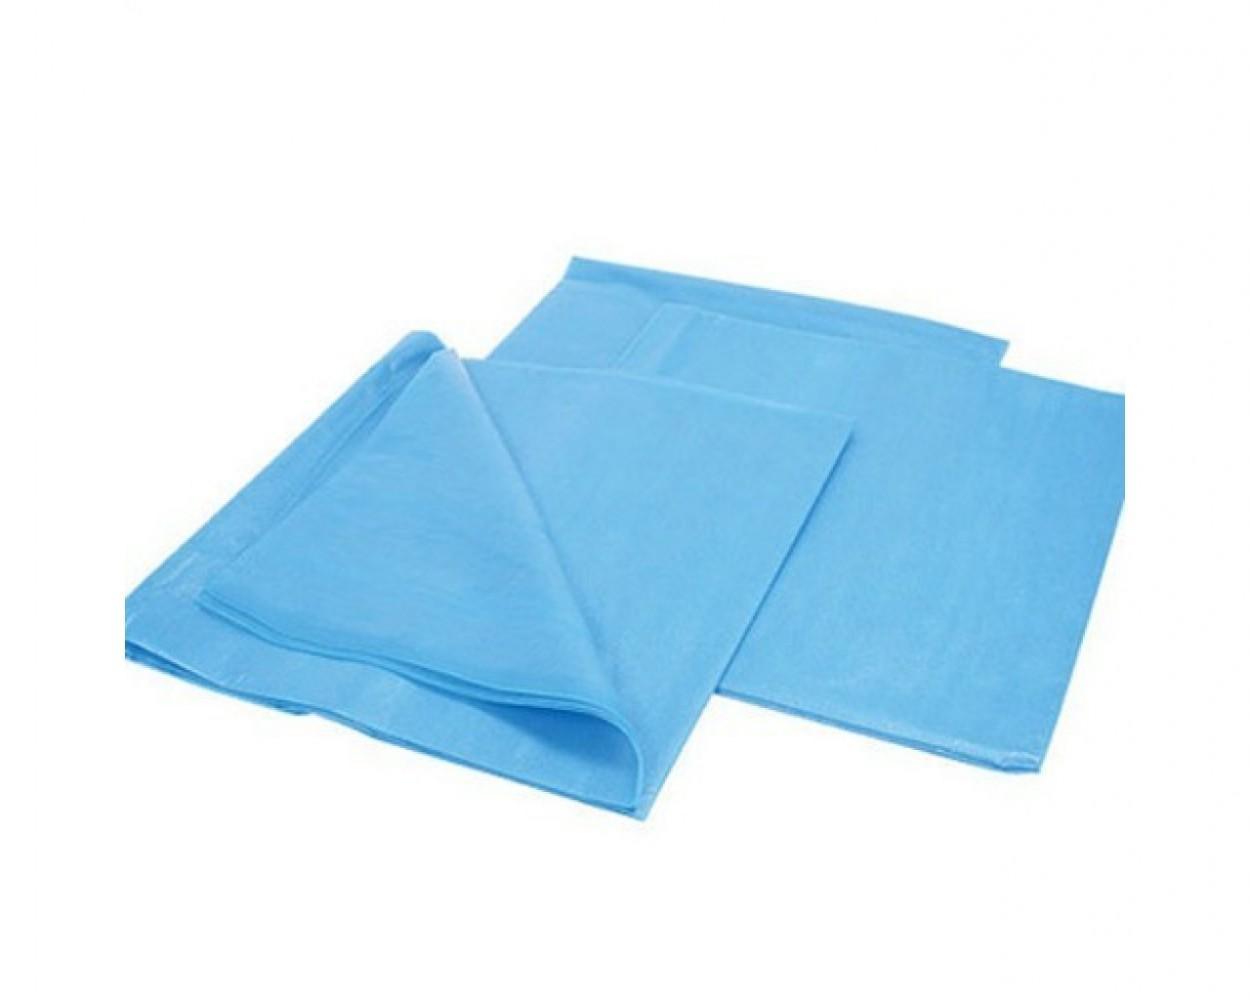 Салфетки-нагрудники медицинские, стоматологични 3-х слойные 45 * 32 см (125 шт/уп) , голубые